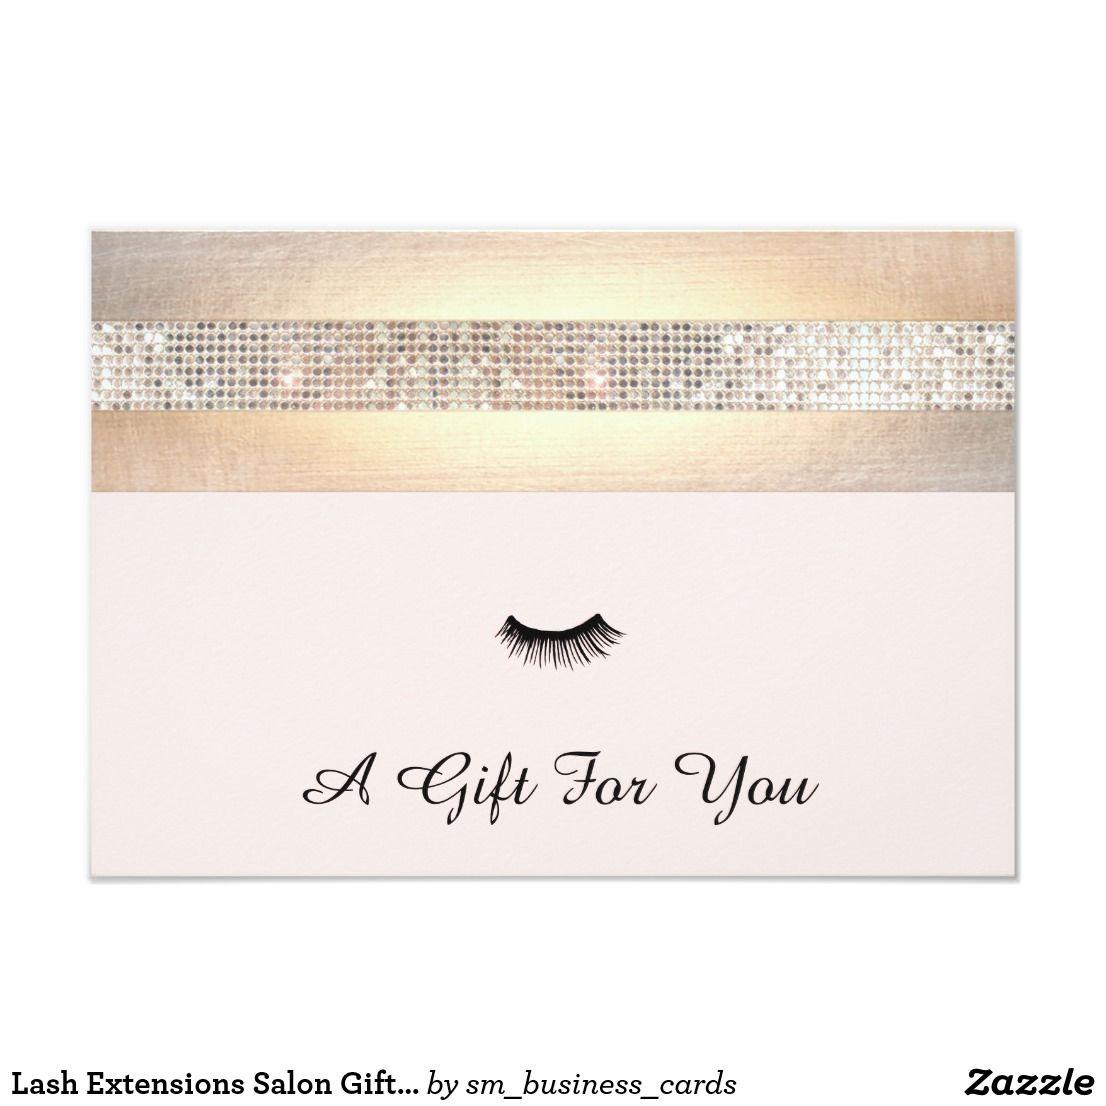 Lash Extensions Salon Gift Certificate Zazzle.ca